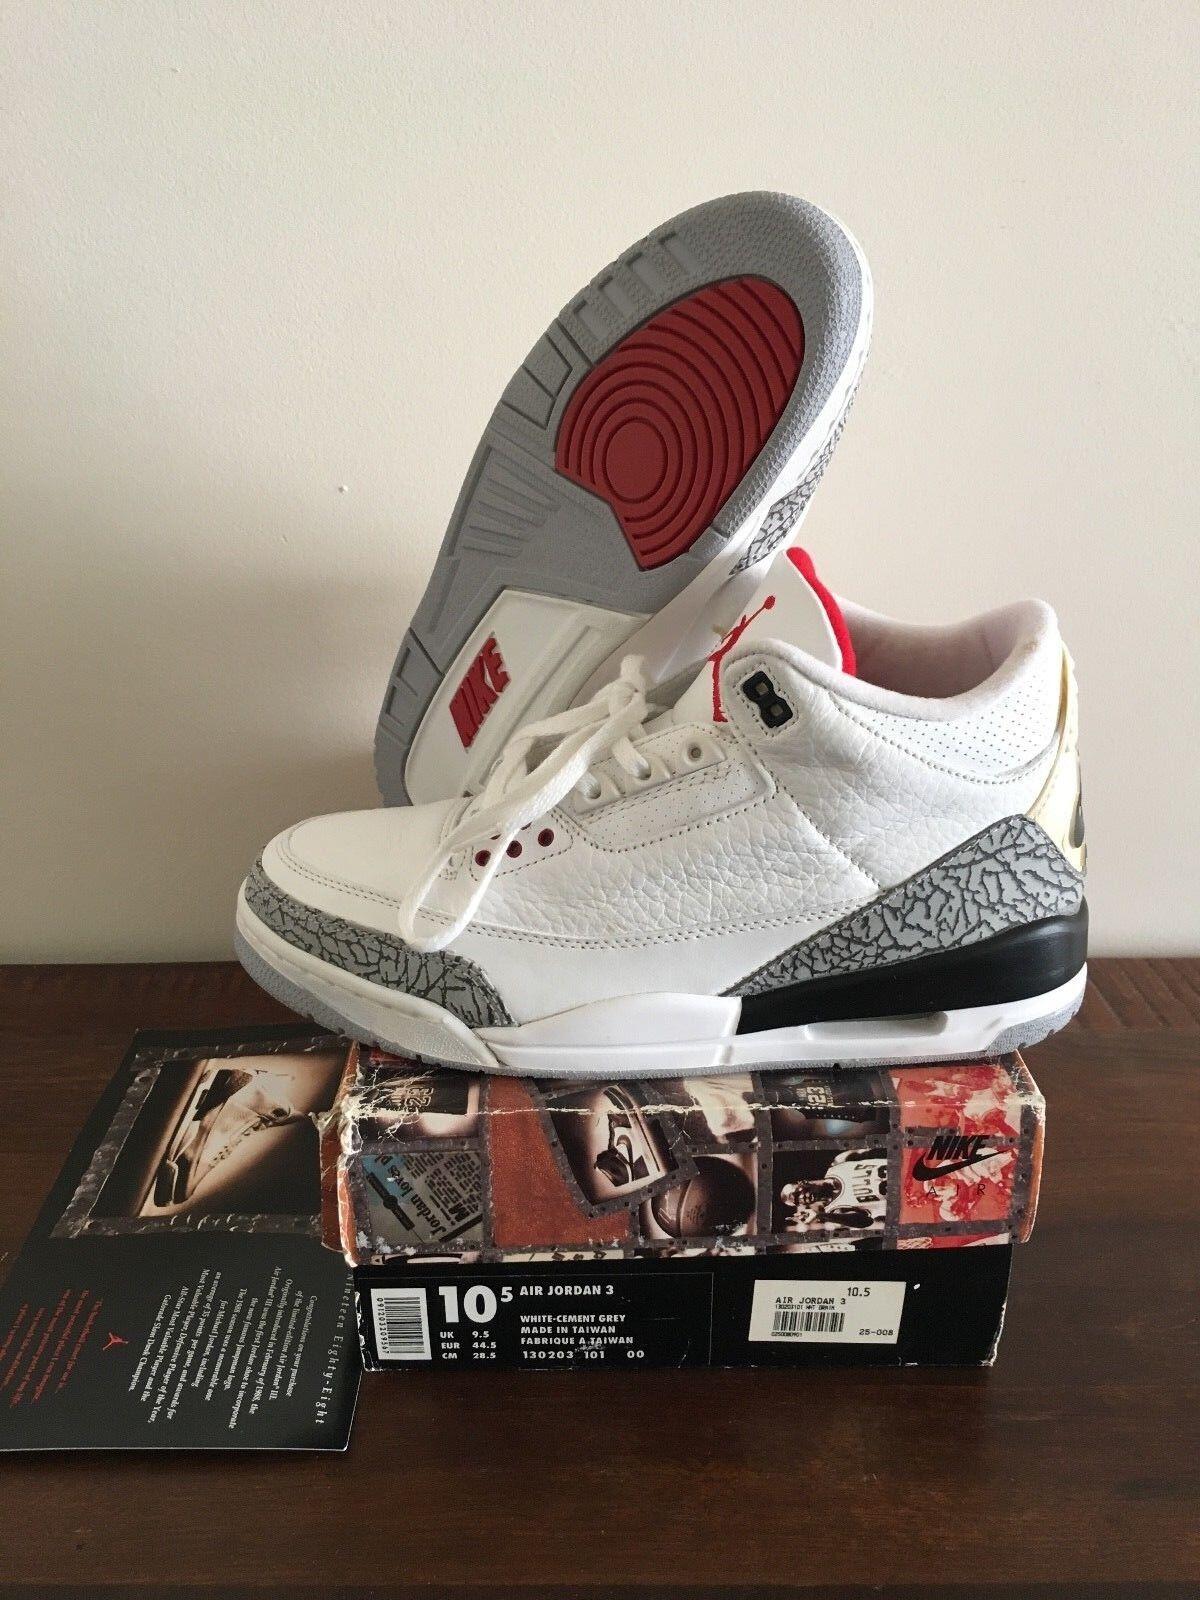 Nike Air Jordan 3 III White Cement 1994 10.5 DEADSTOCK    2011 Midsole swap